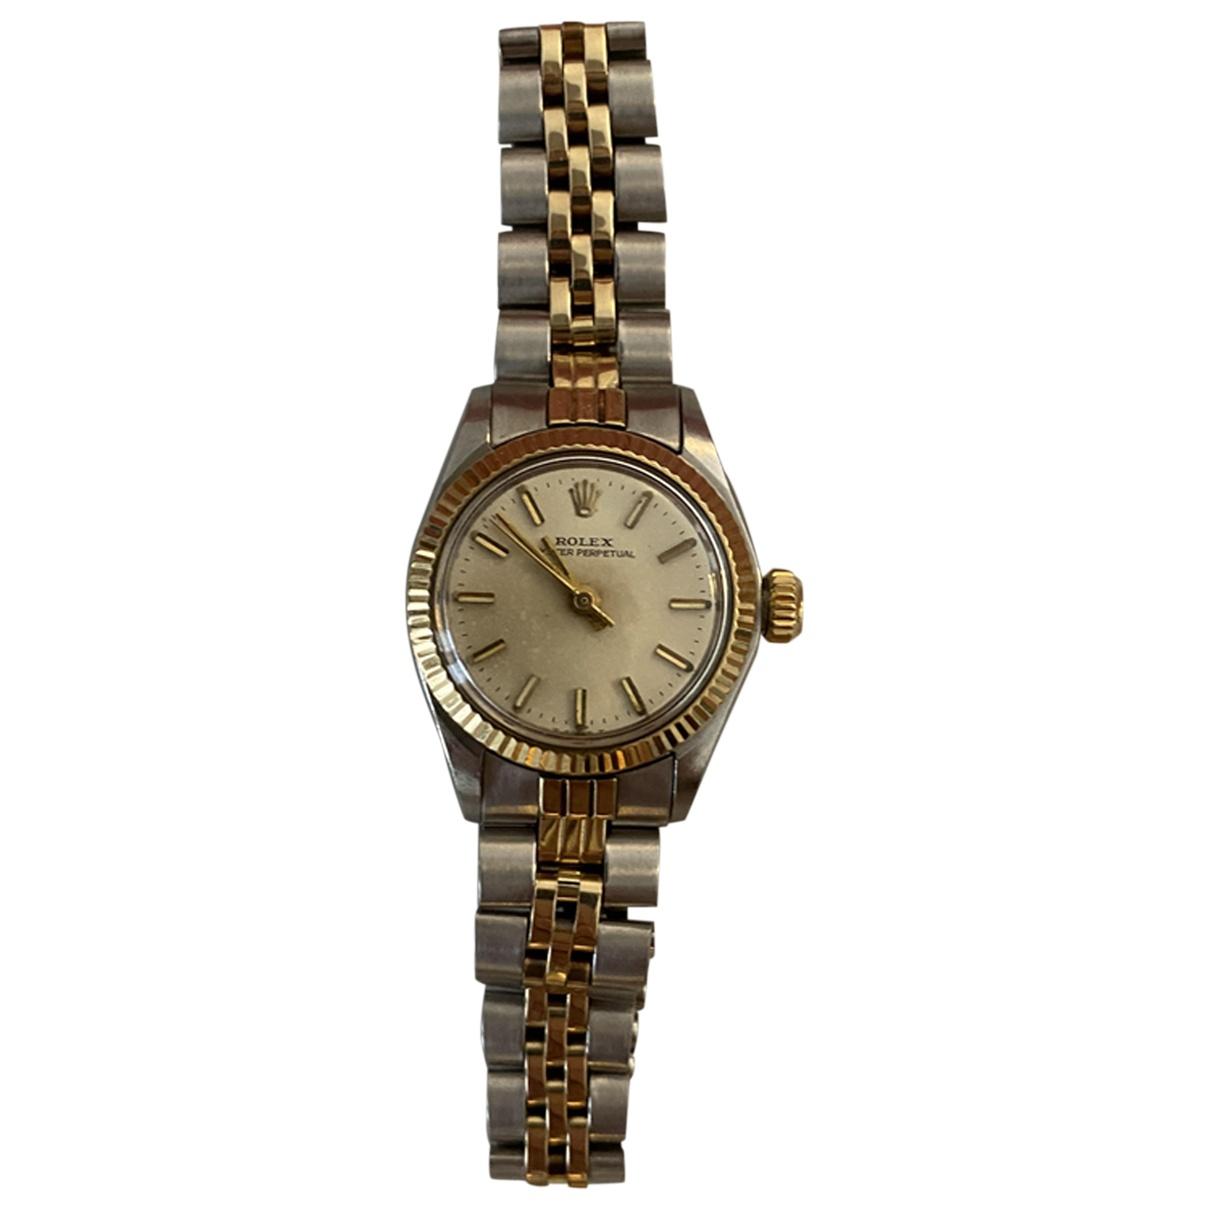 Rolex - Montre Lady Oyster Perpetual 24mm pour femme en or et acier - dore